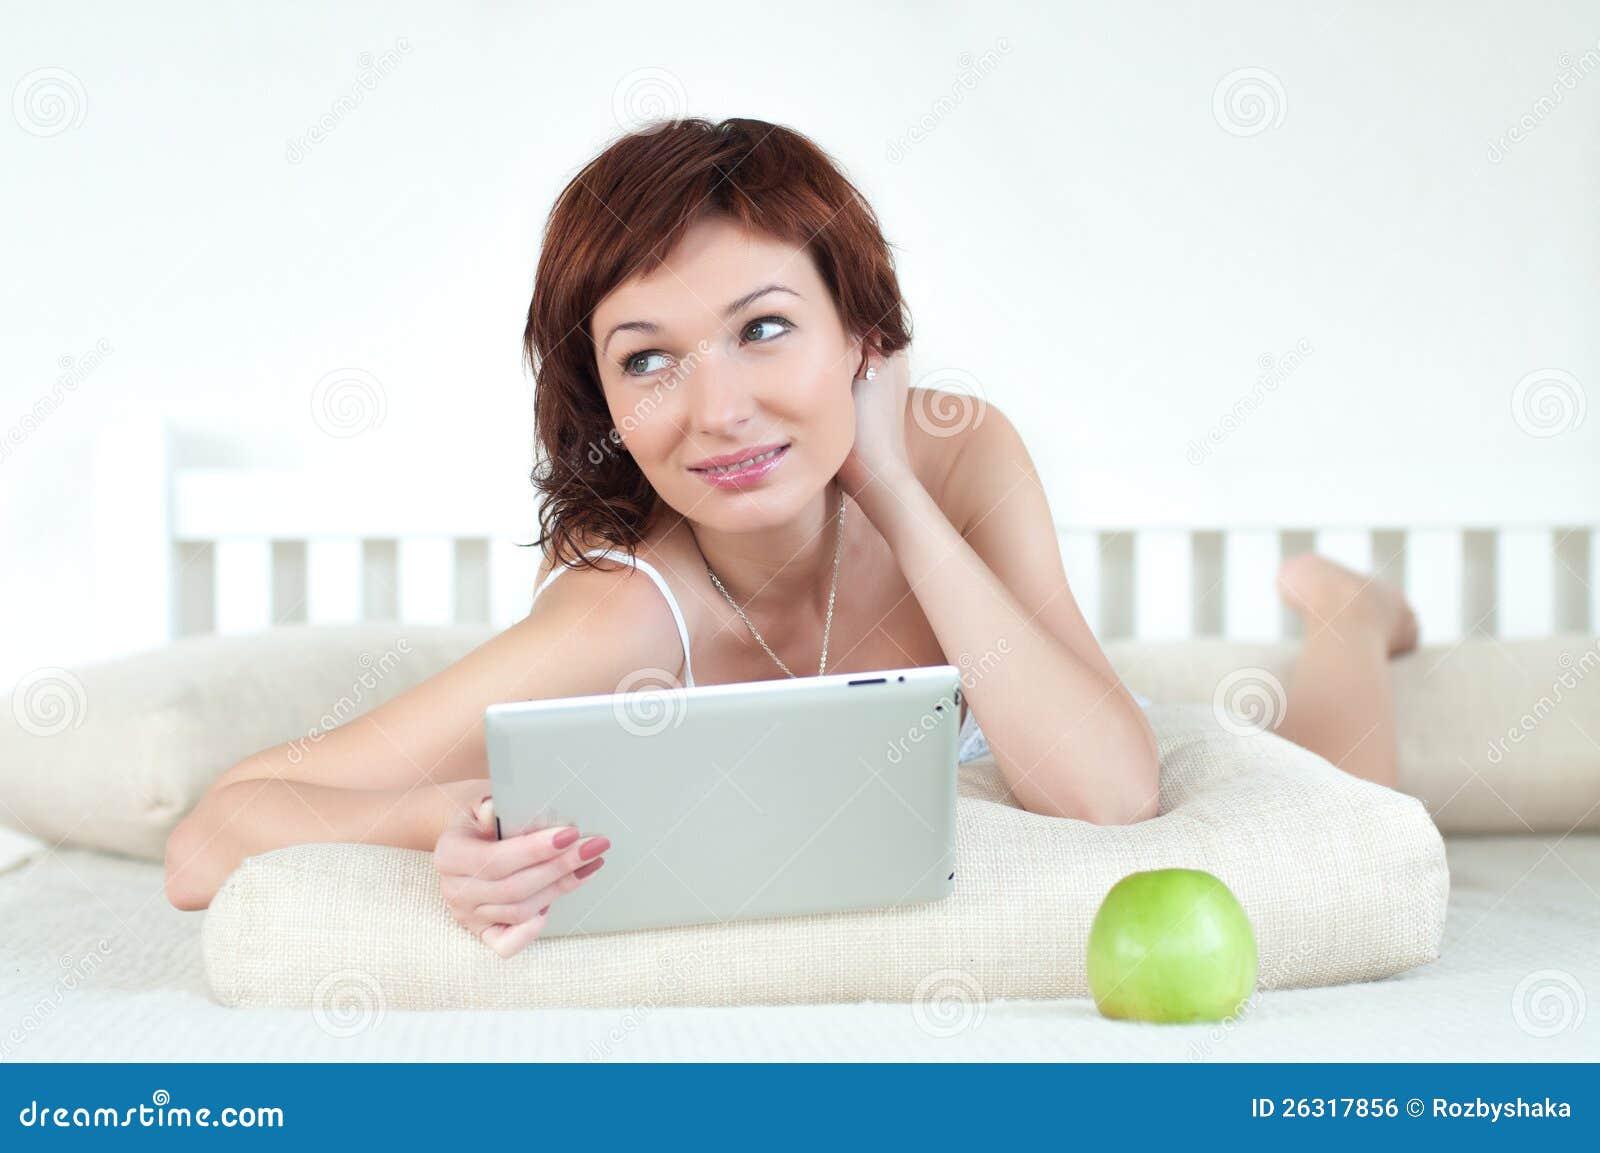 Frau mit einem grünen Apfel und Tablette am Bett